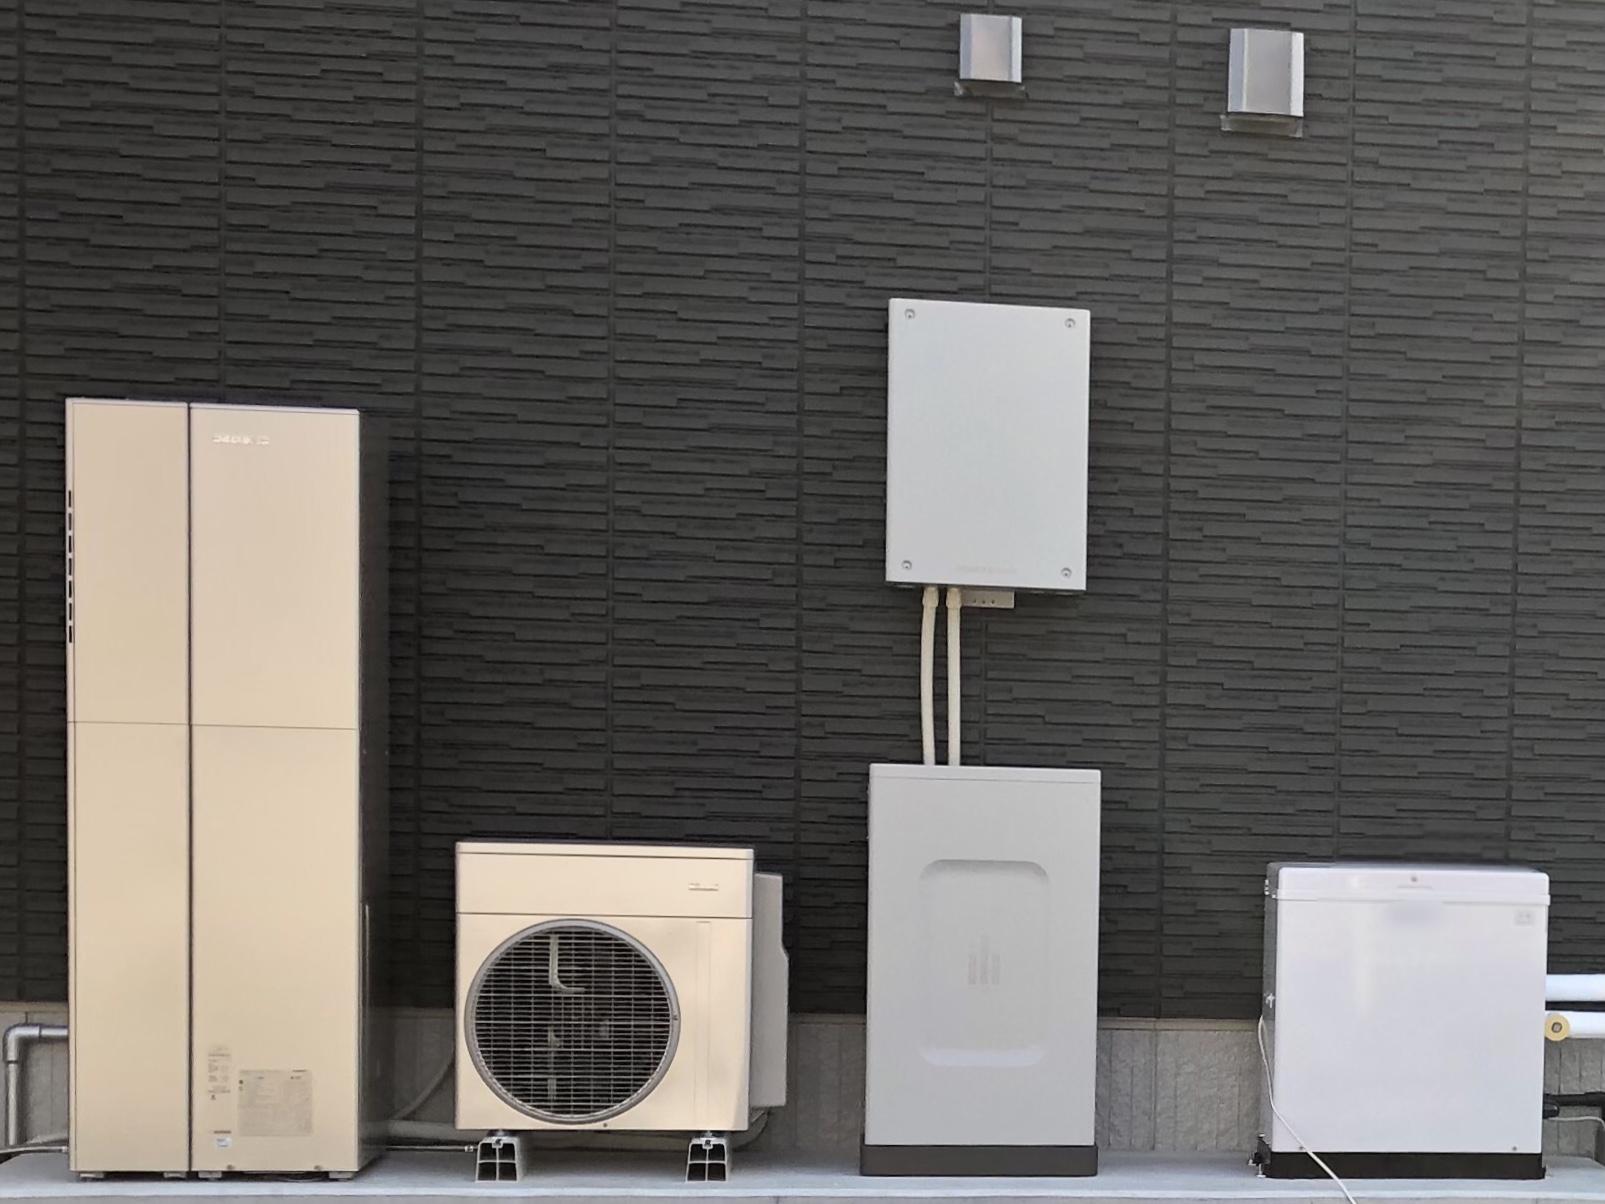 【買い替えるなら今!】電気給湯器エコキュートの魅力と最新機能紹介